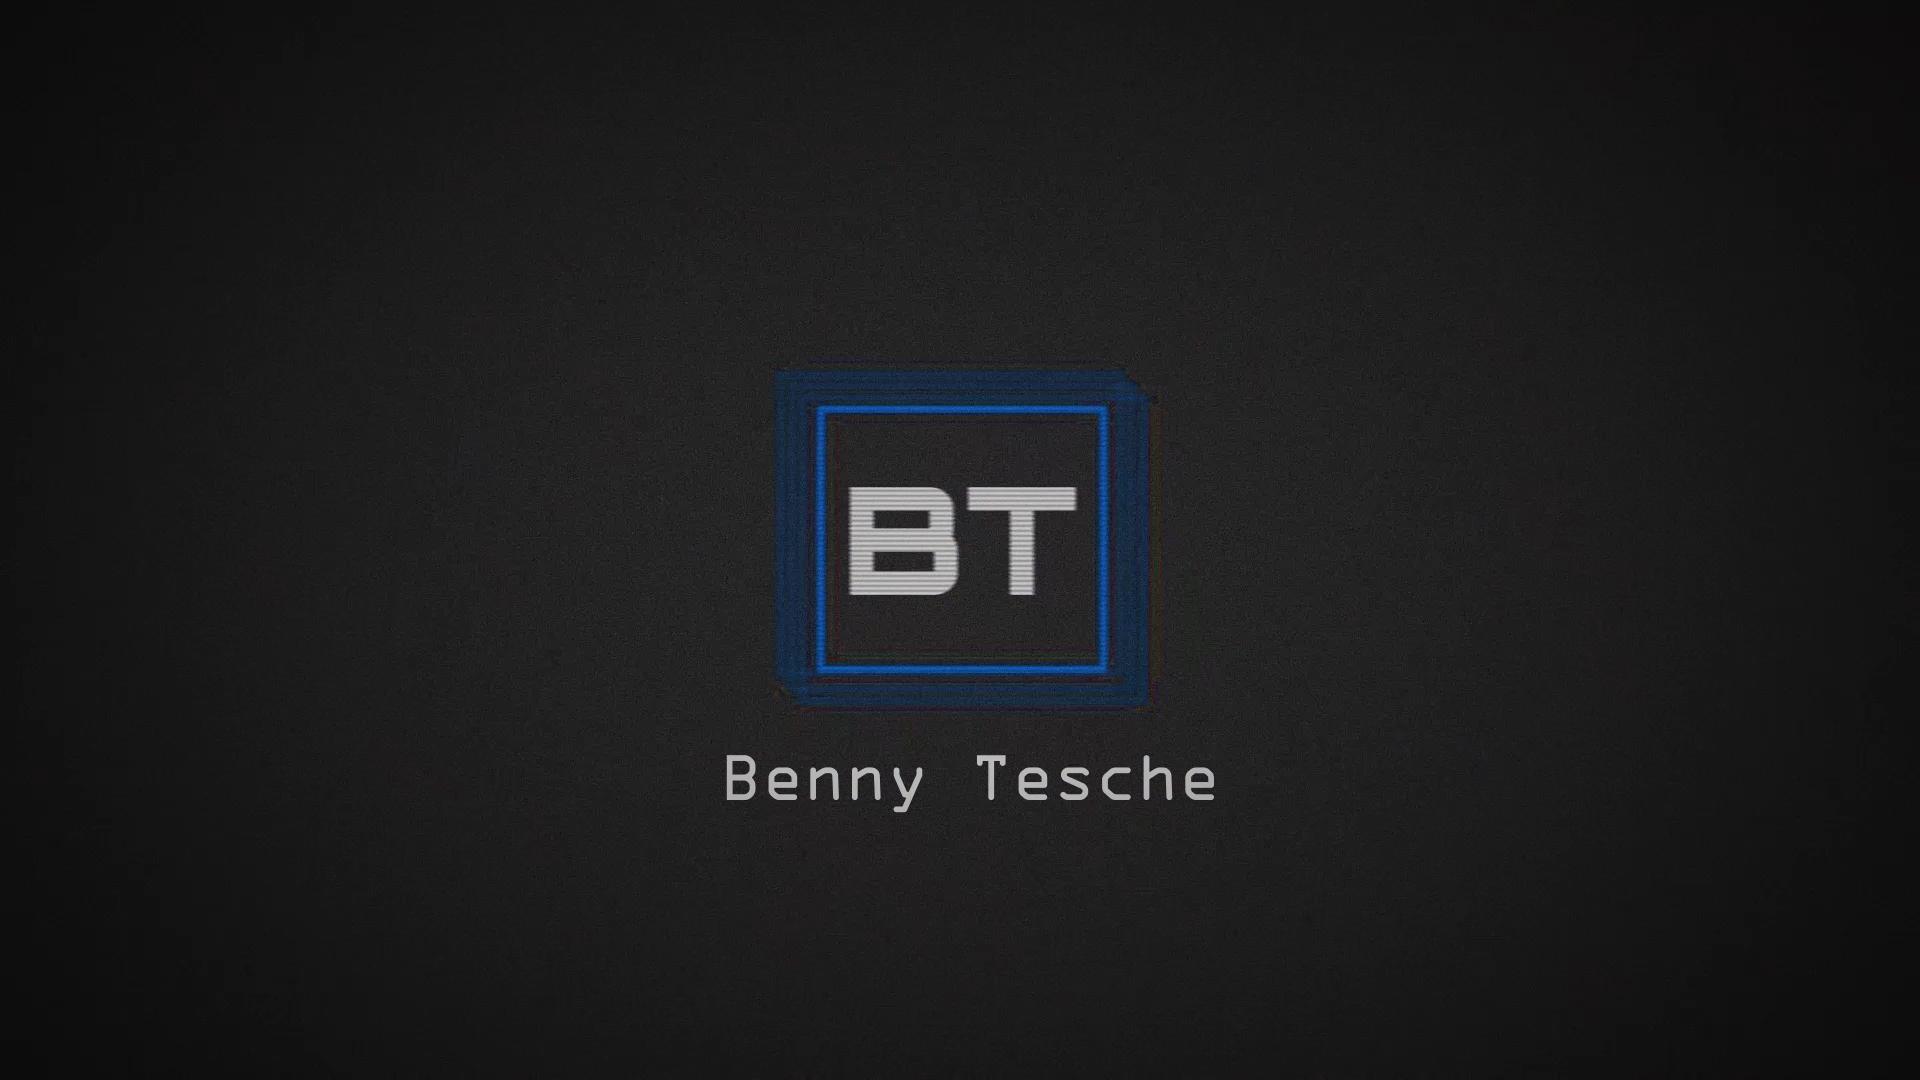 Benny Tesche